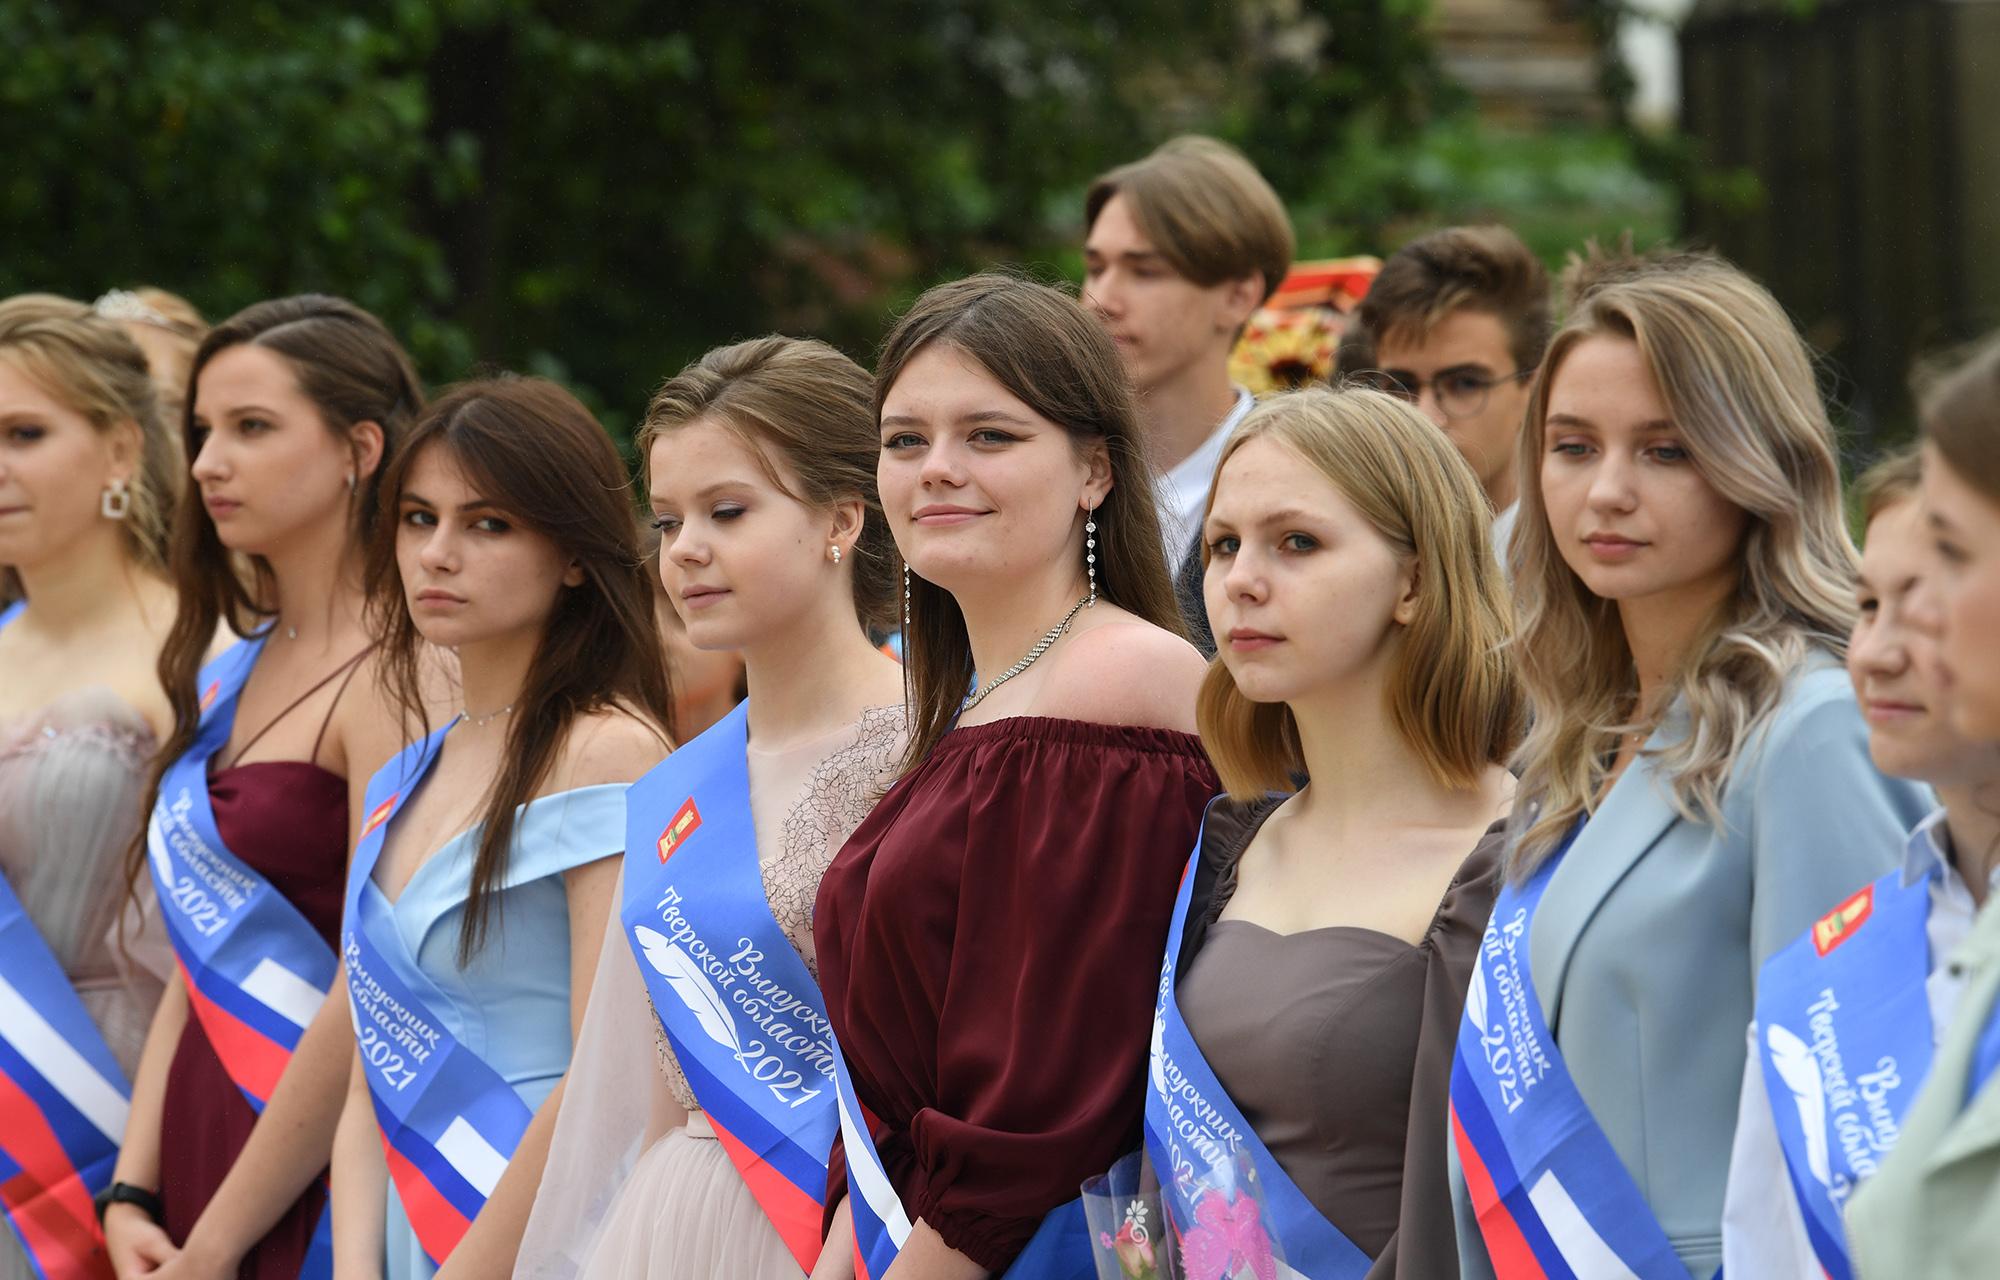 На Дне памяти святителя Иова в Старице заложили традицию напутствия выпускников